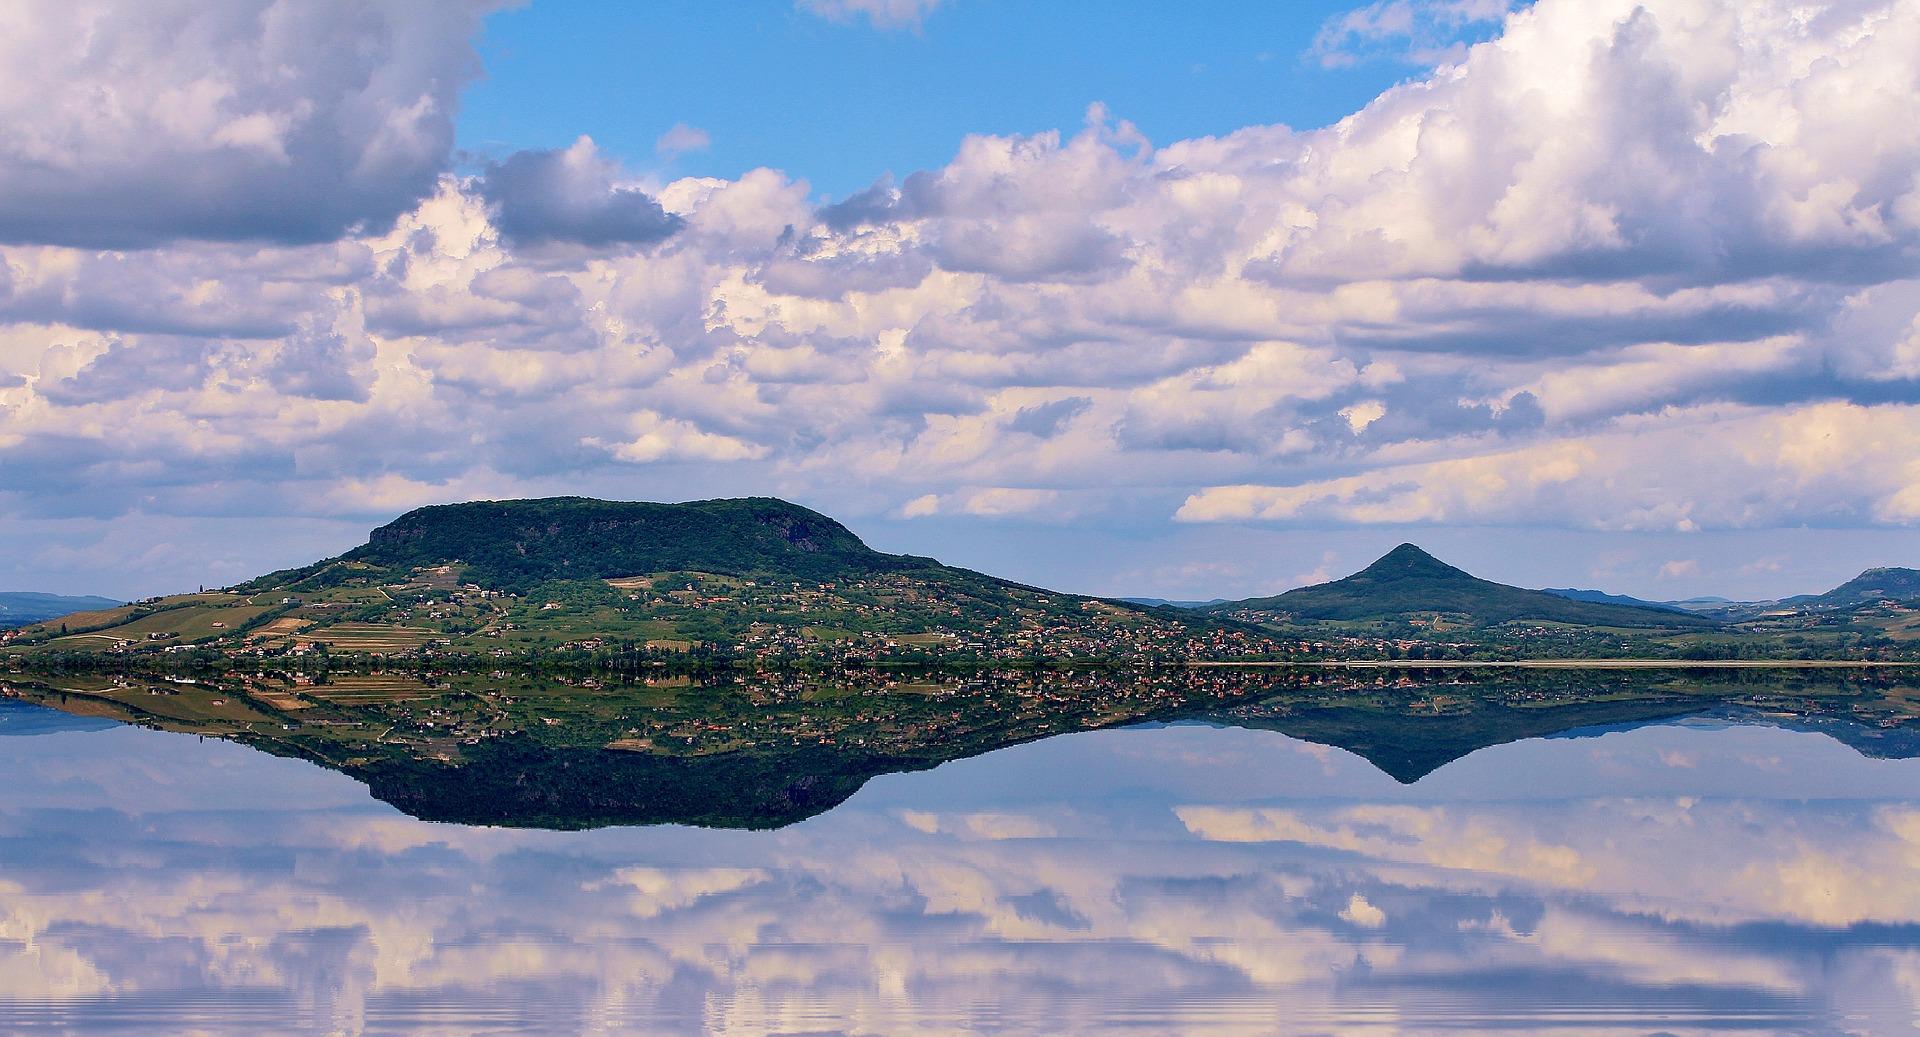 lake-balaton-2133811_1920.jpg